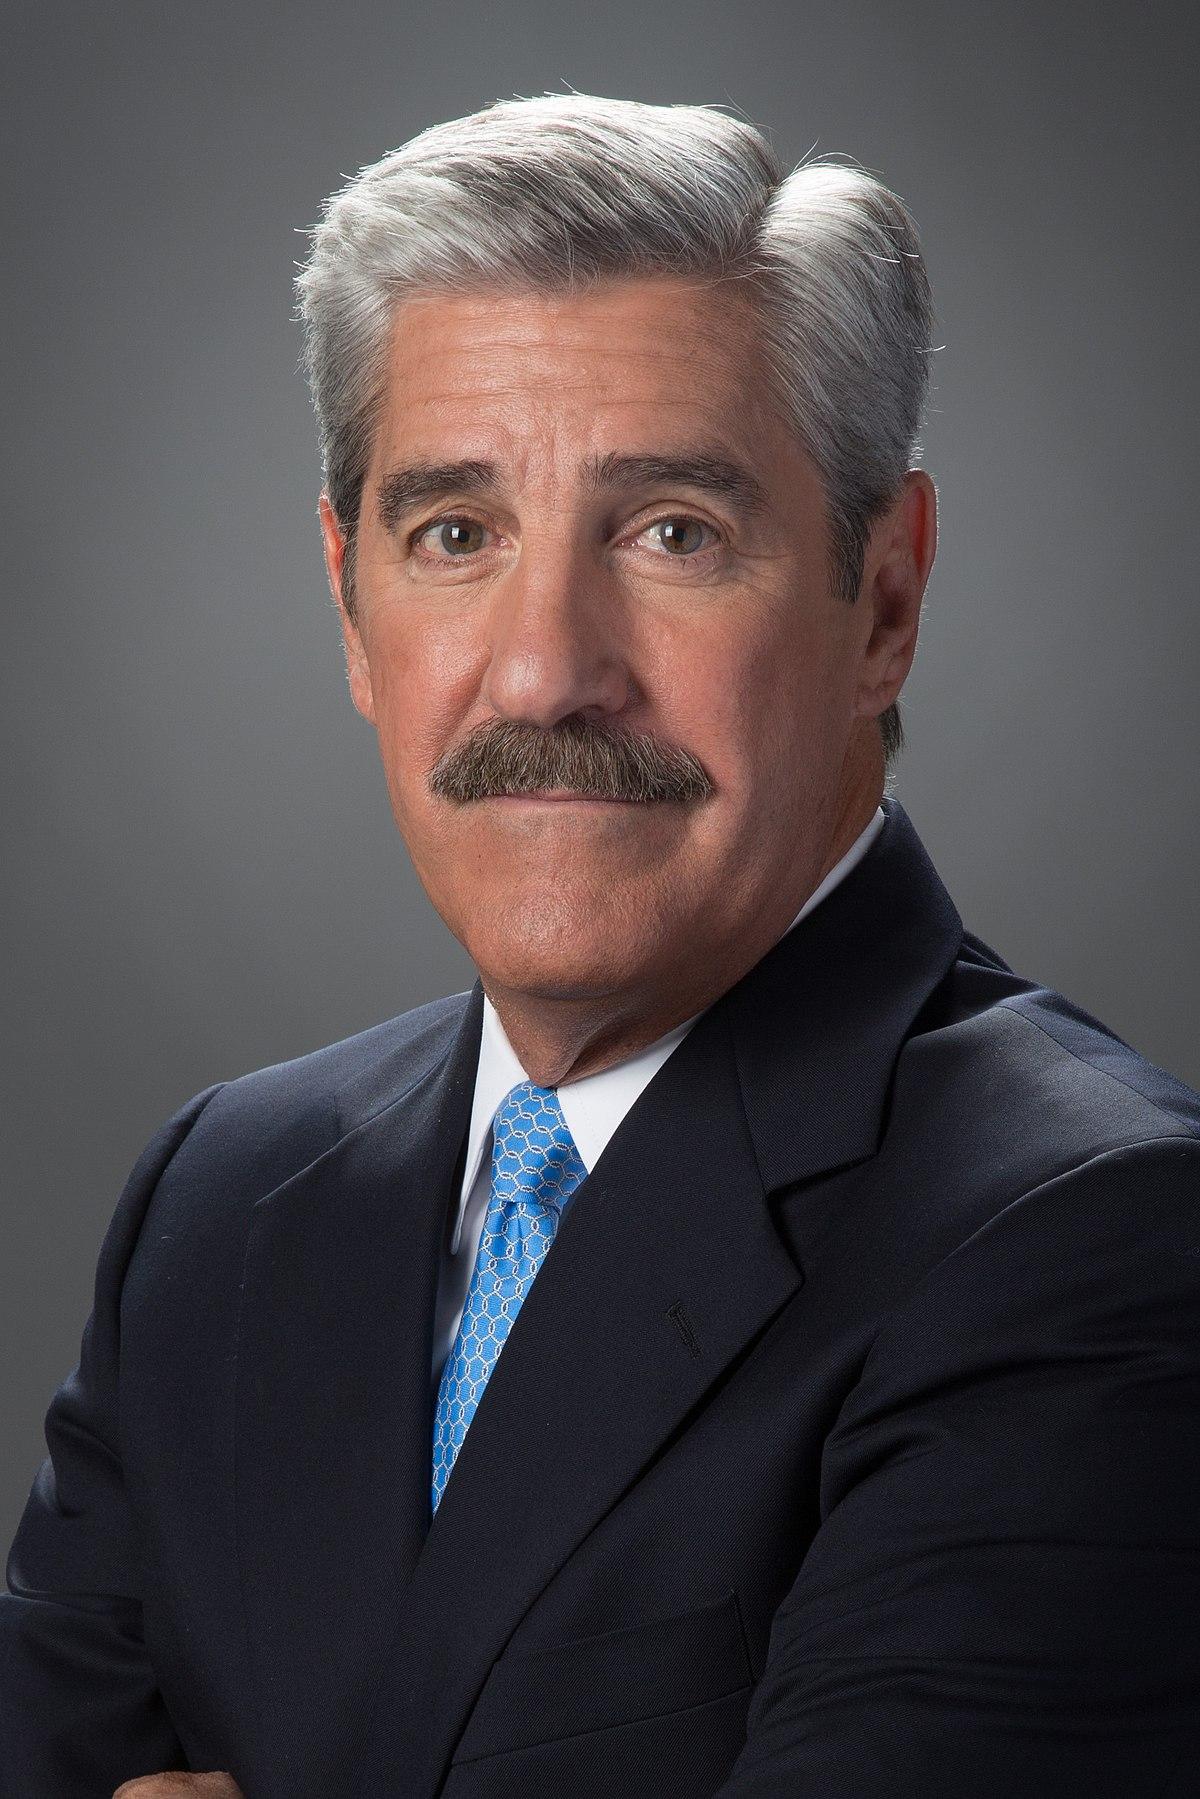 John Ferrugia Wikipedia